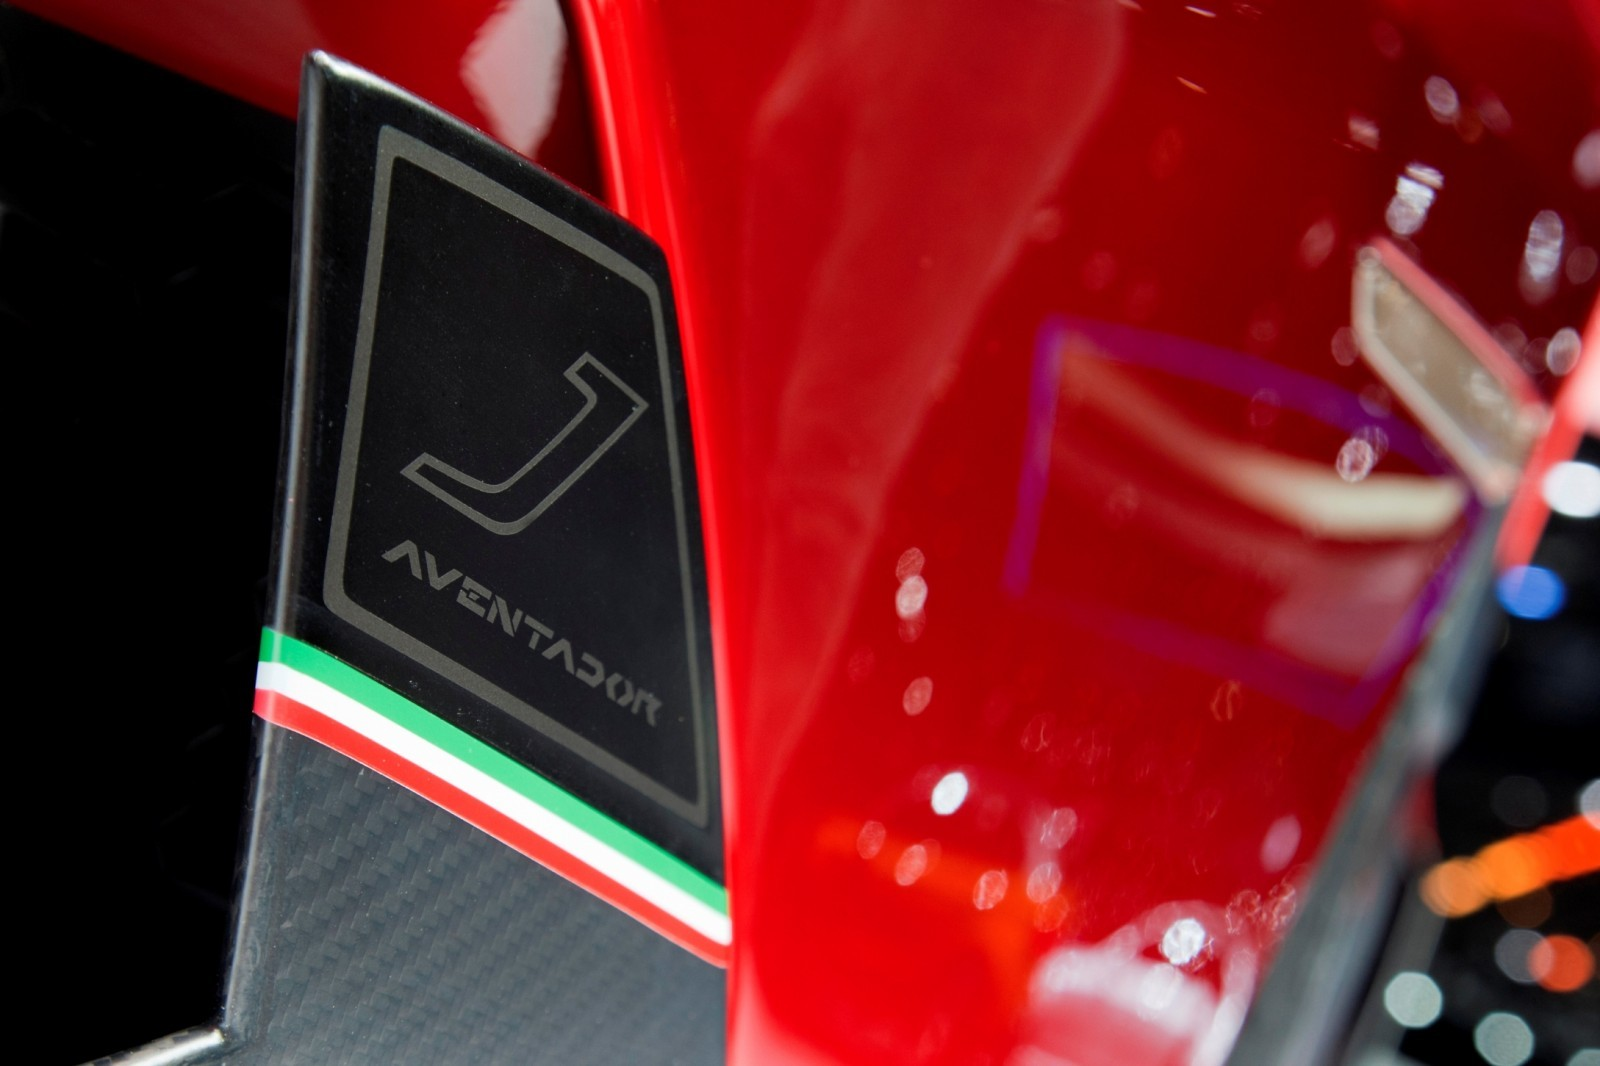 Hypercar Showcase - 2014 Lamborghini Aventador Trumped Only By Aventador J and Aventador Roadster 23